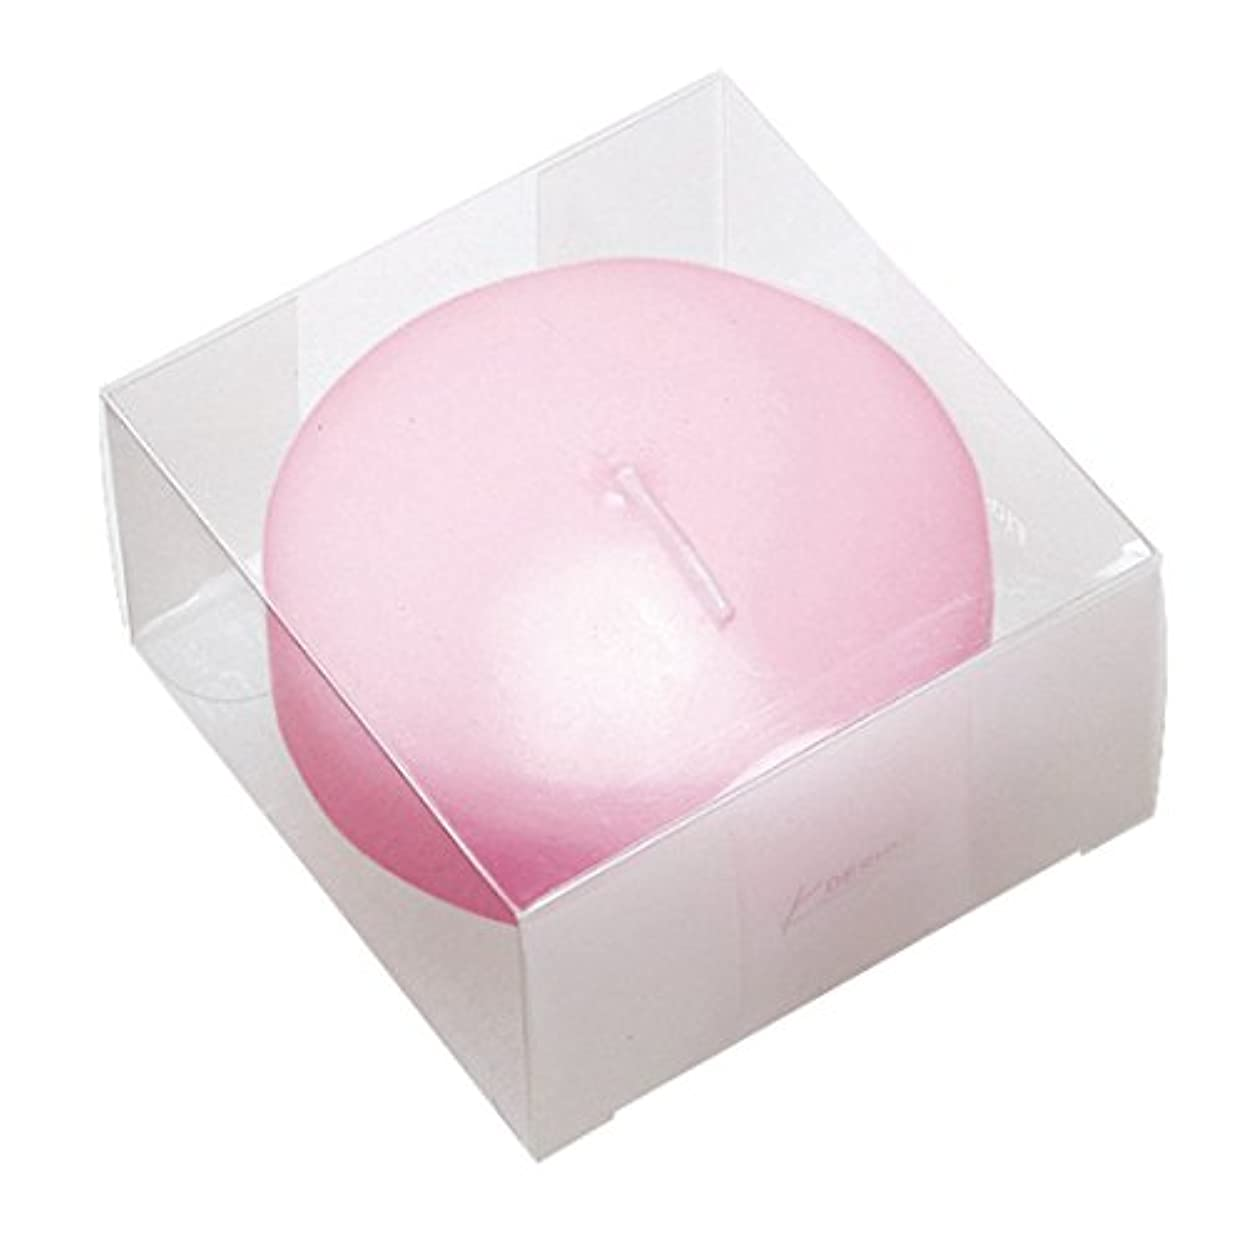 軽量星感情プール80(箱入り) 「 ピンク 」